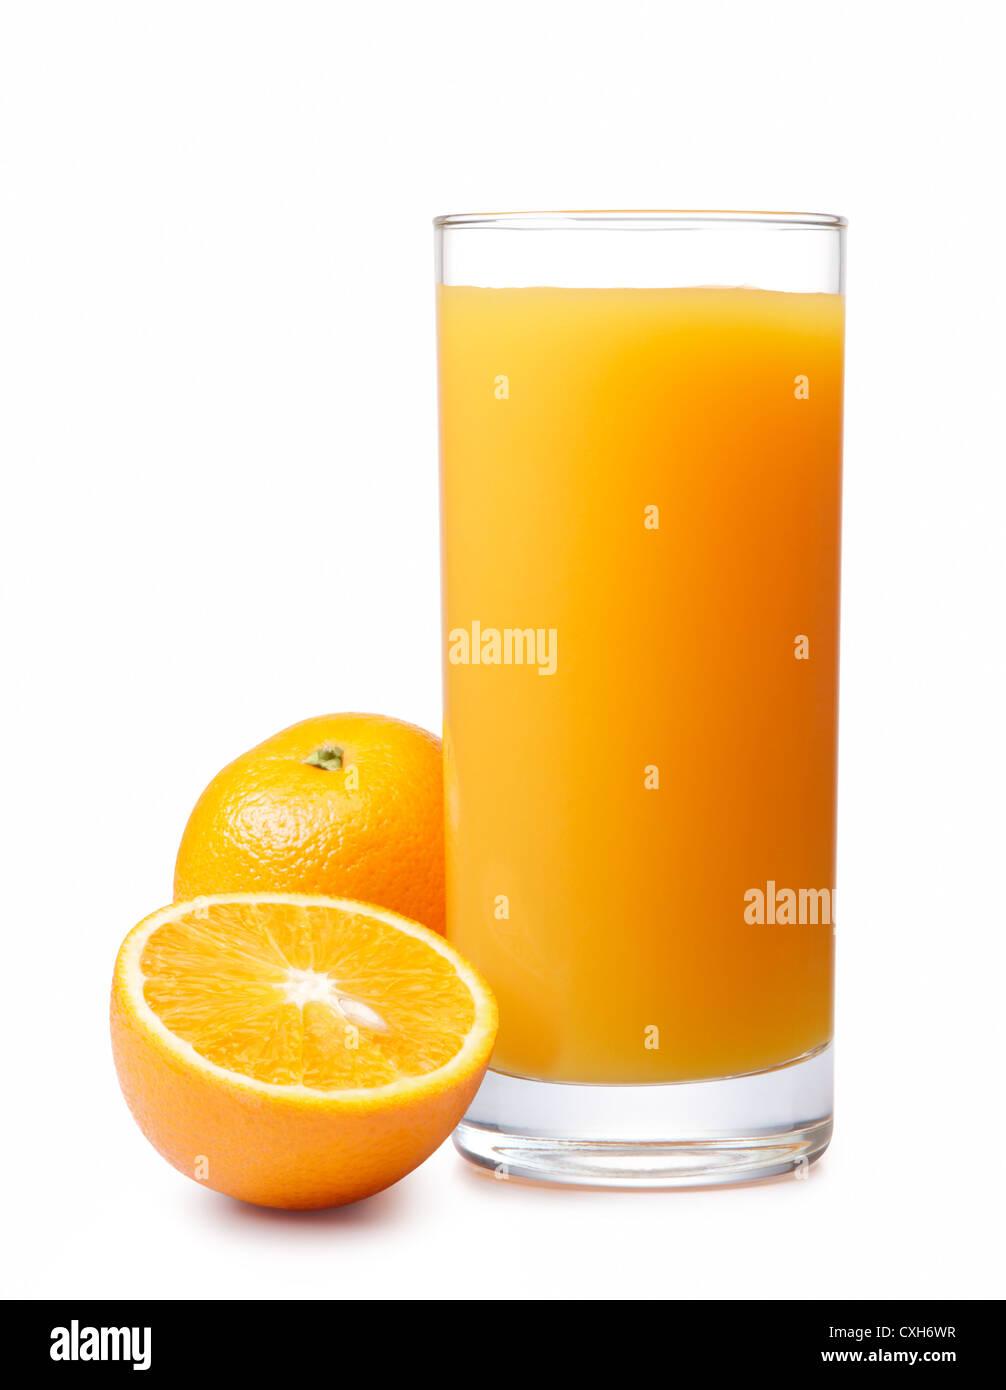 orange juice with oranges isolated on white - Stock Image